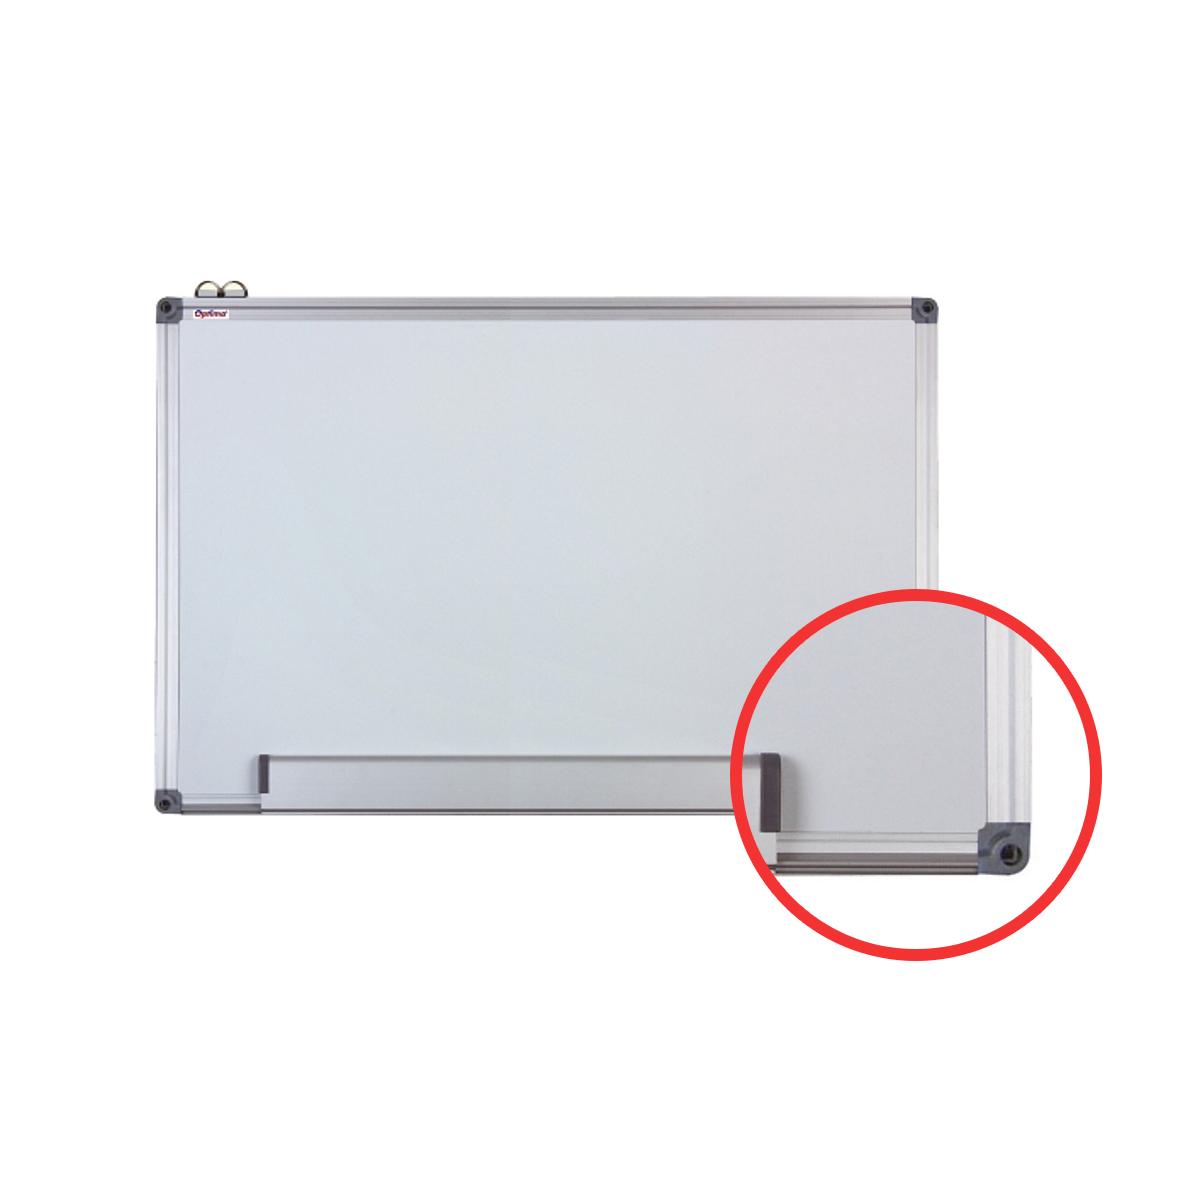 Tablă Albă Magnetică, Ramă din Aluminiu, Diferite Dimensiuni, Optima, OP-20045060, OP-20060090, OP-20090120, OP-20100150, OP-20100200, OP-20120180, OP-20120200, OP-20120240, OP-20120300